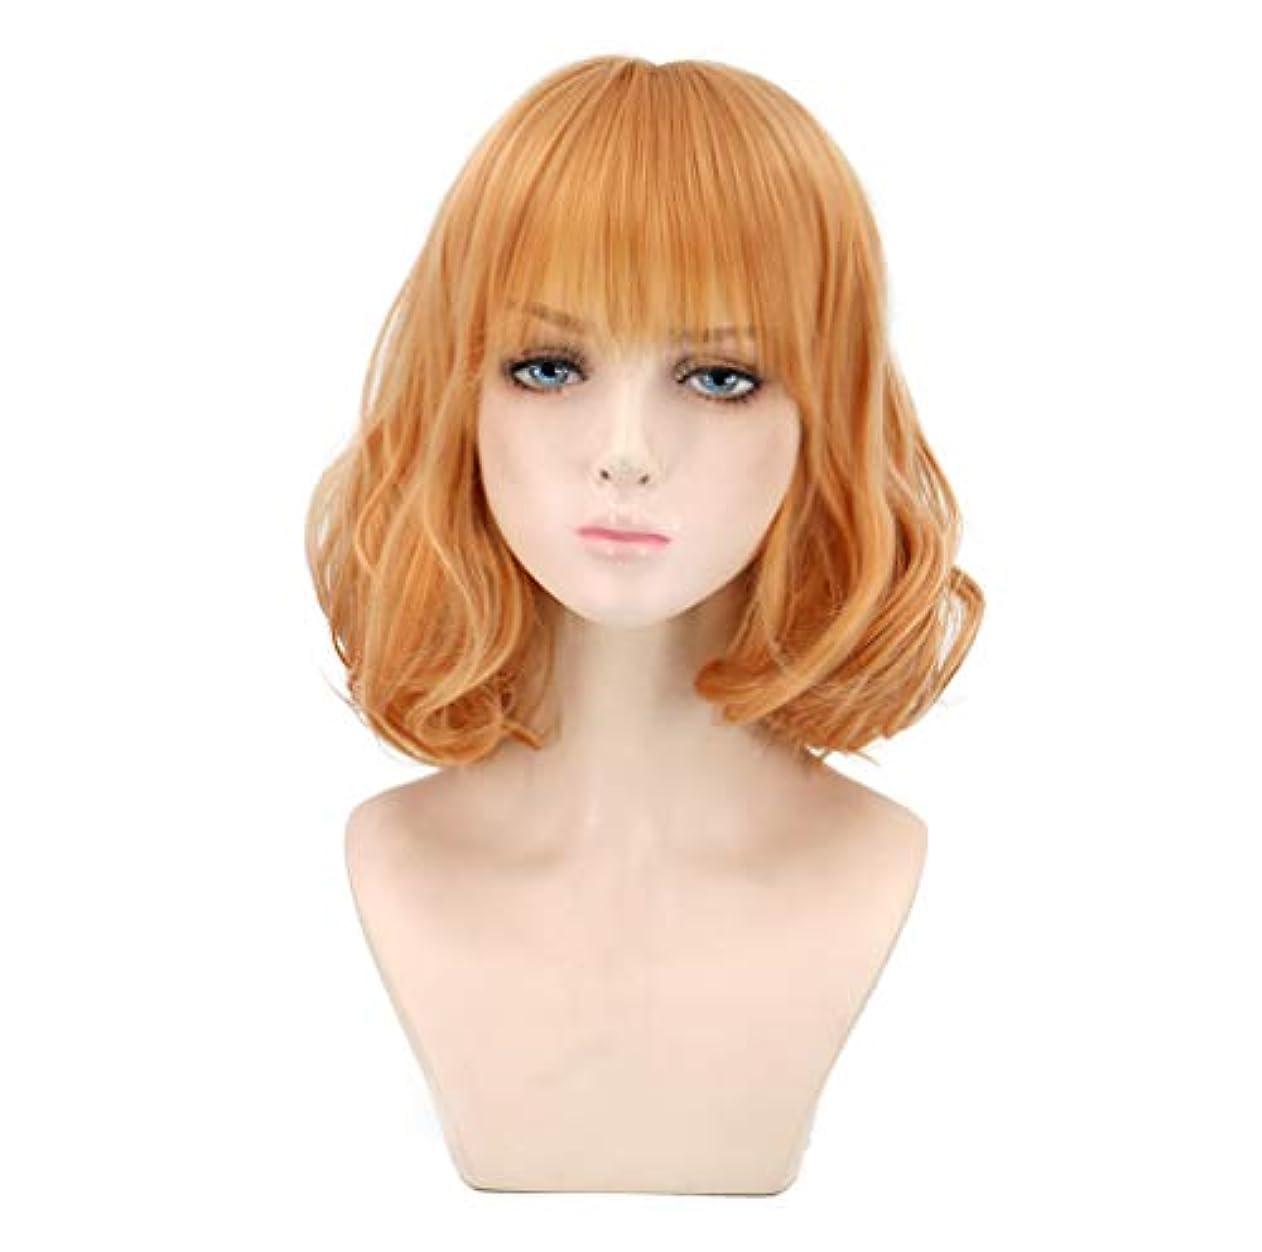 架空の先駆者ミシン目女性のかつらカール耐熱合成かつらショートヘア150%密度ゴールド32 cm